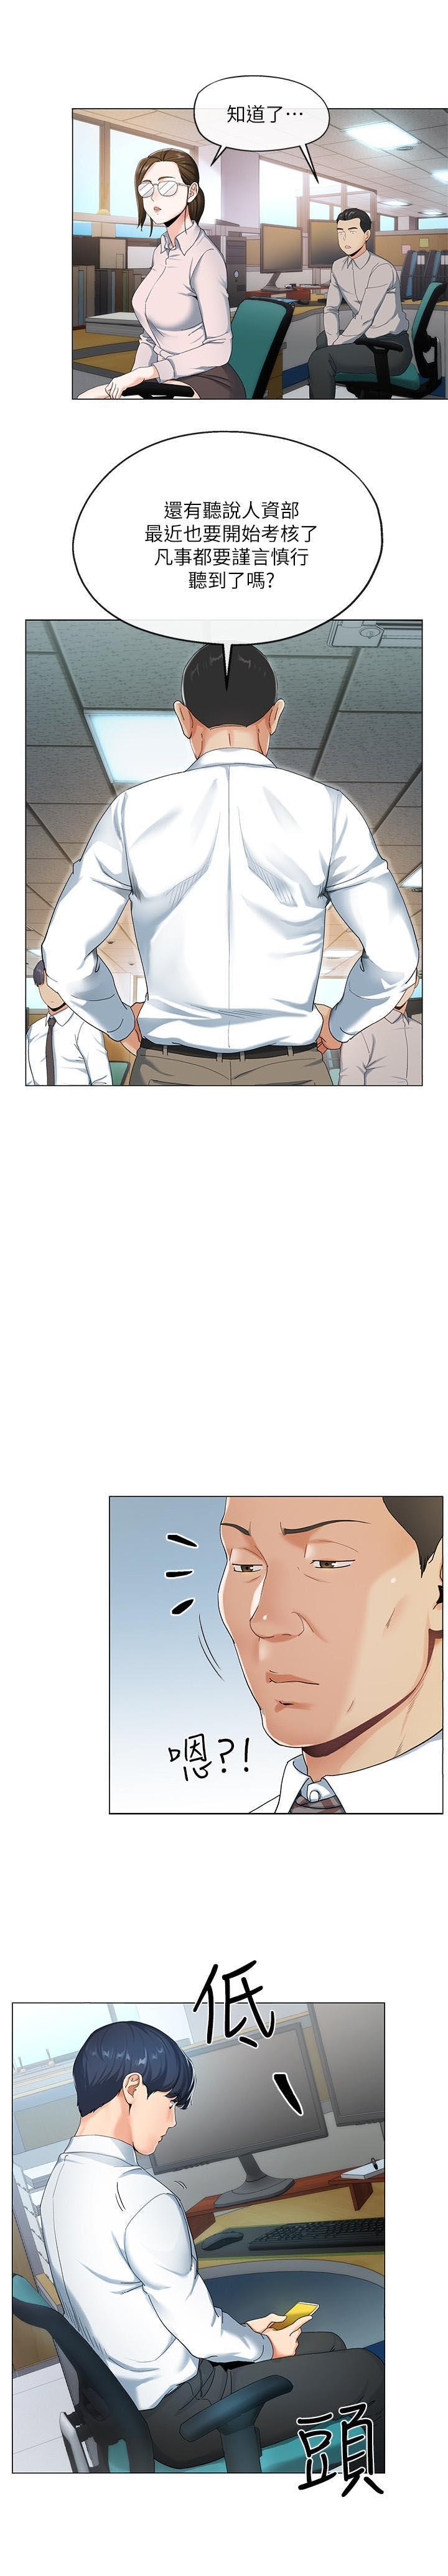 《寄生cp》漫画韩漫完整版 全文在线阅读